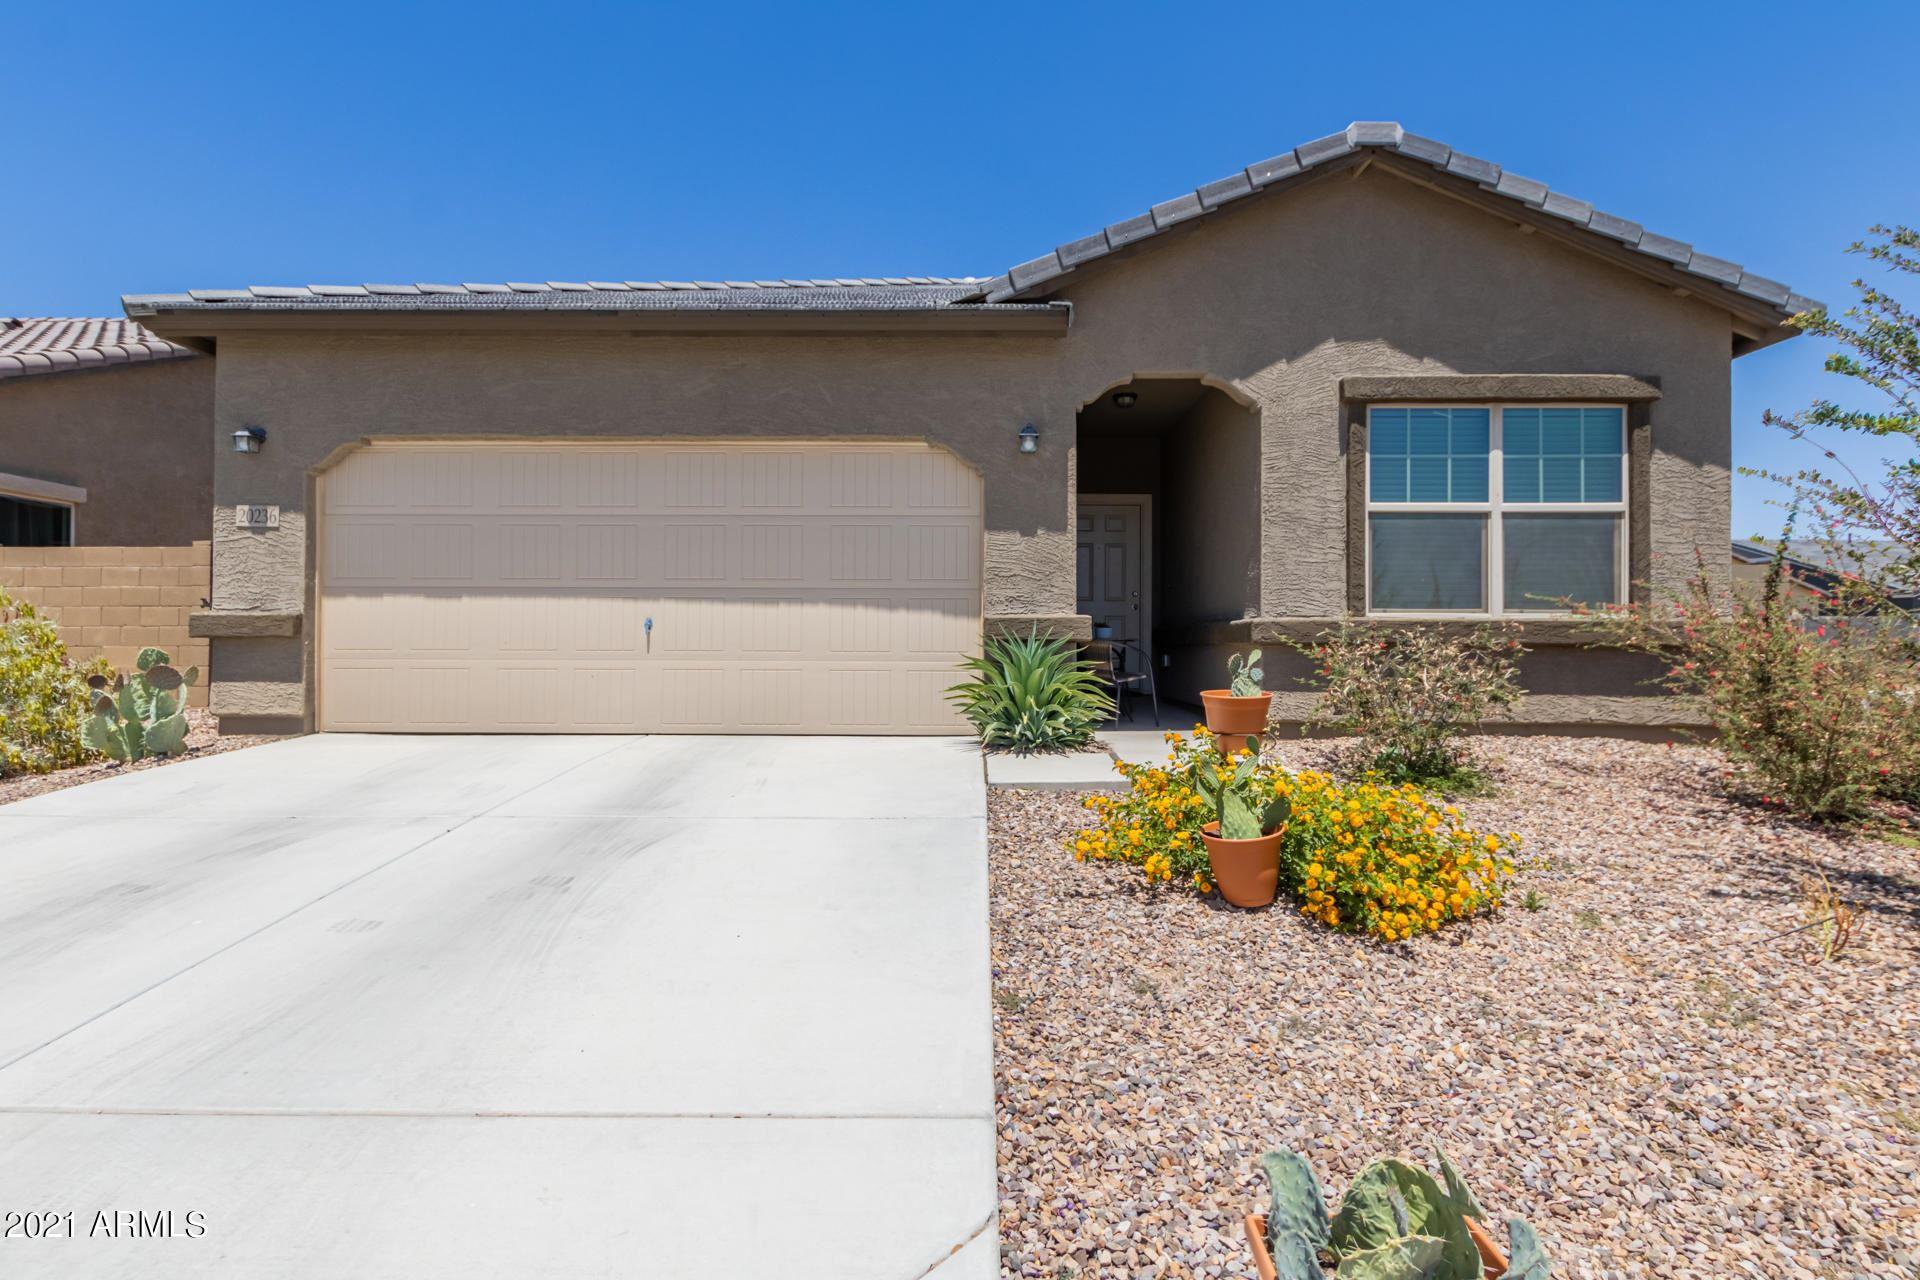 20236 W MESQUITE Drive, Buckeye, AZ 85326 - MLS#: 6235562